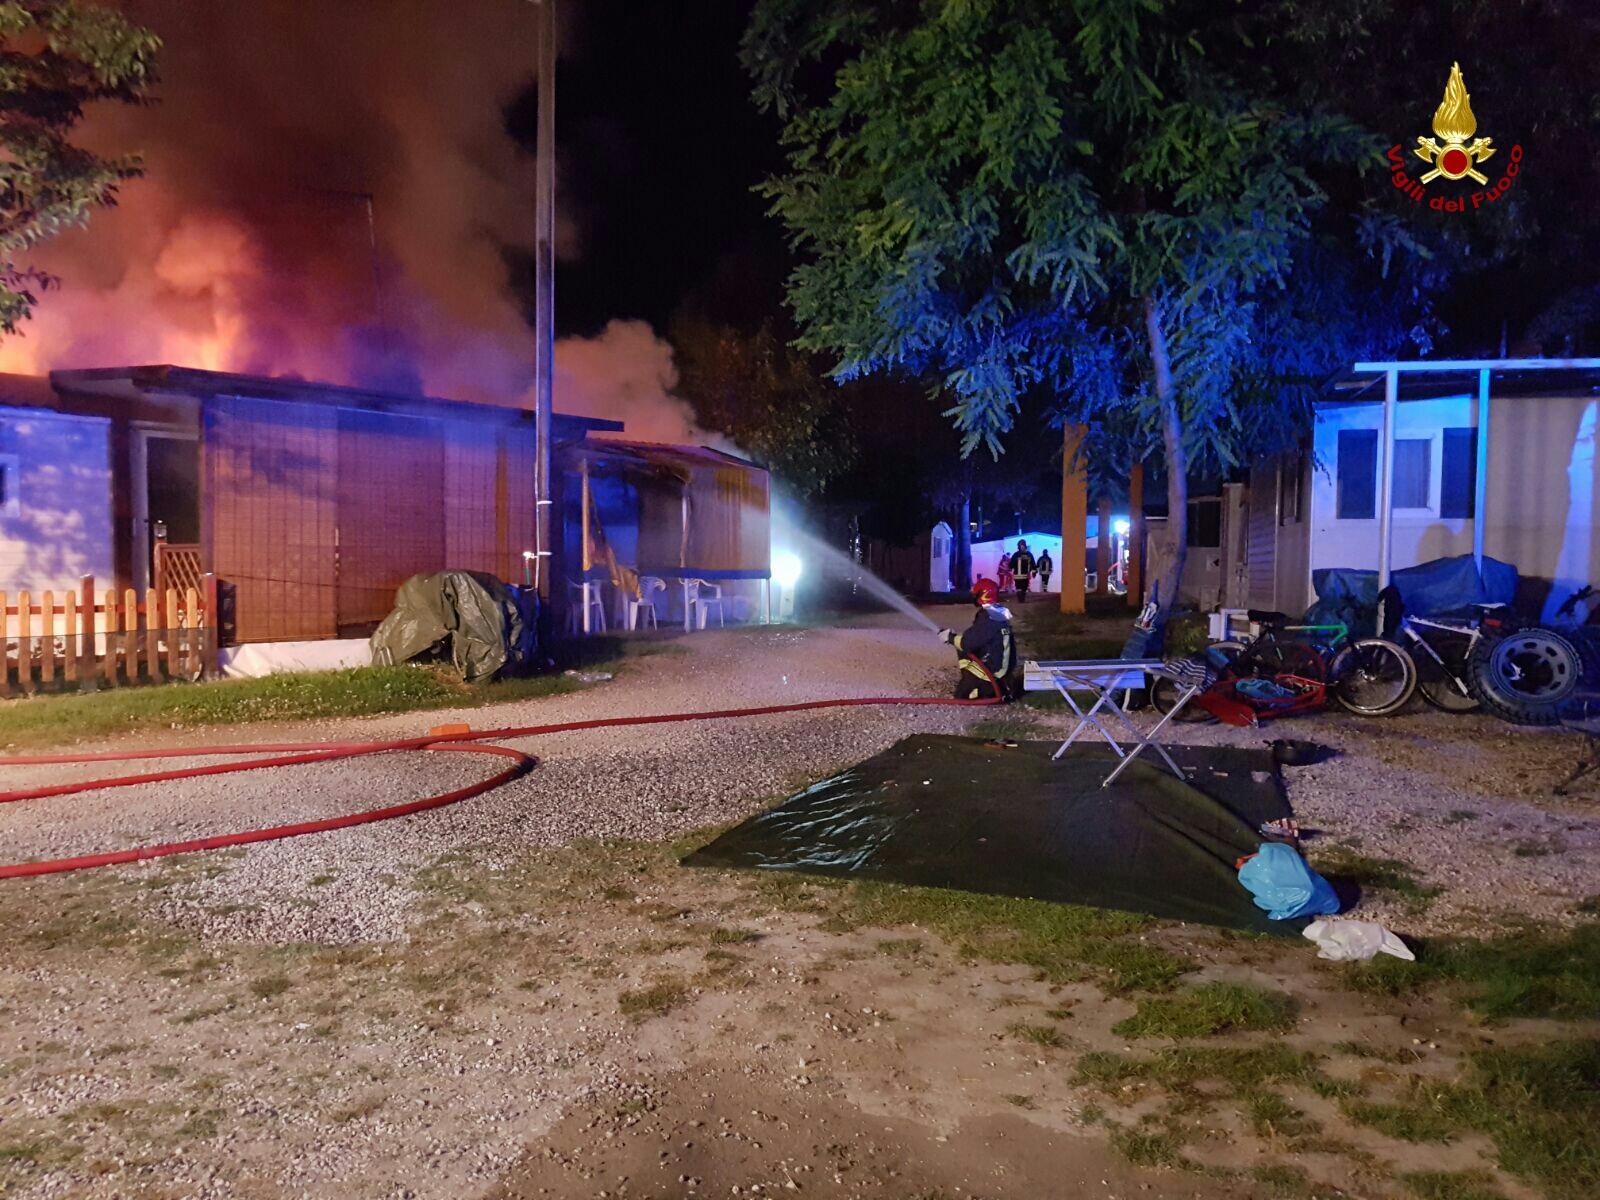 Incendio in un camping a Jesolo, evacuati turisti